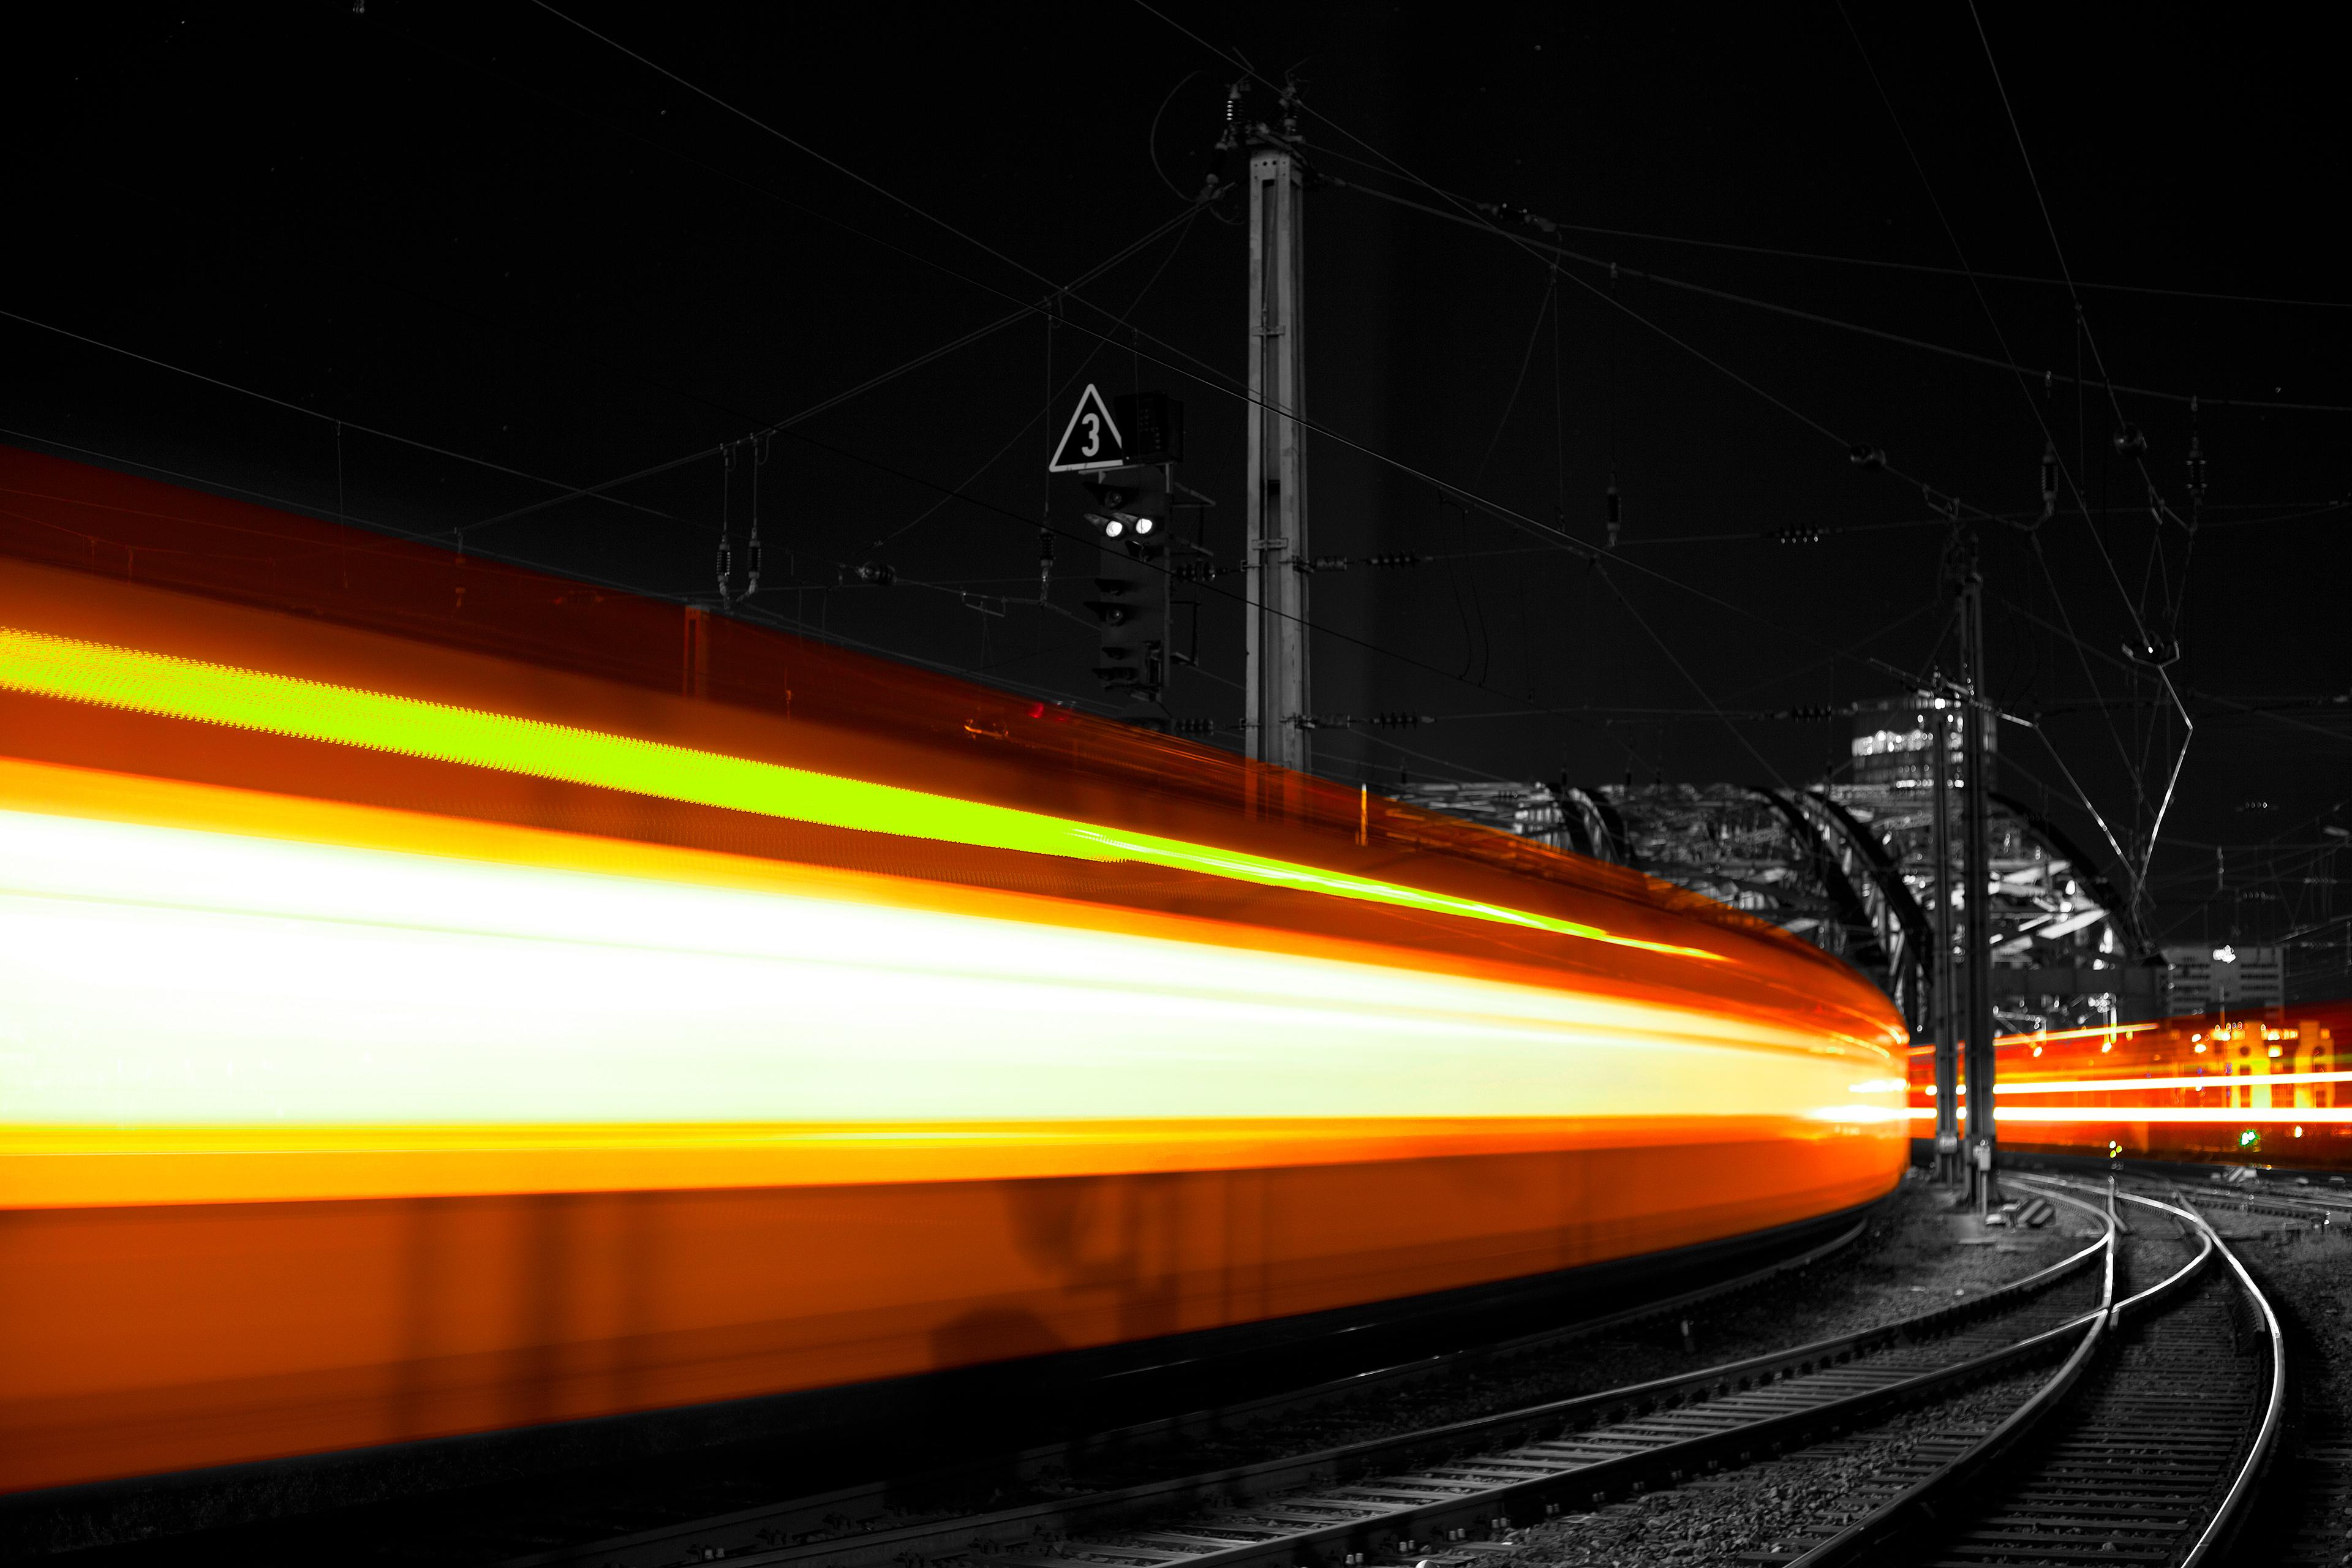 train long exposure 1574938570 - Train Long Exposure -